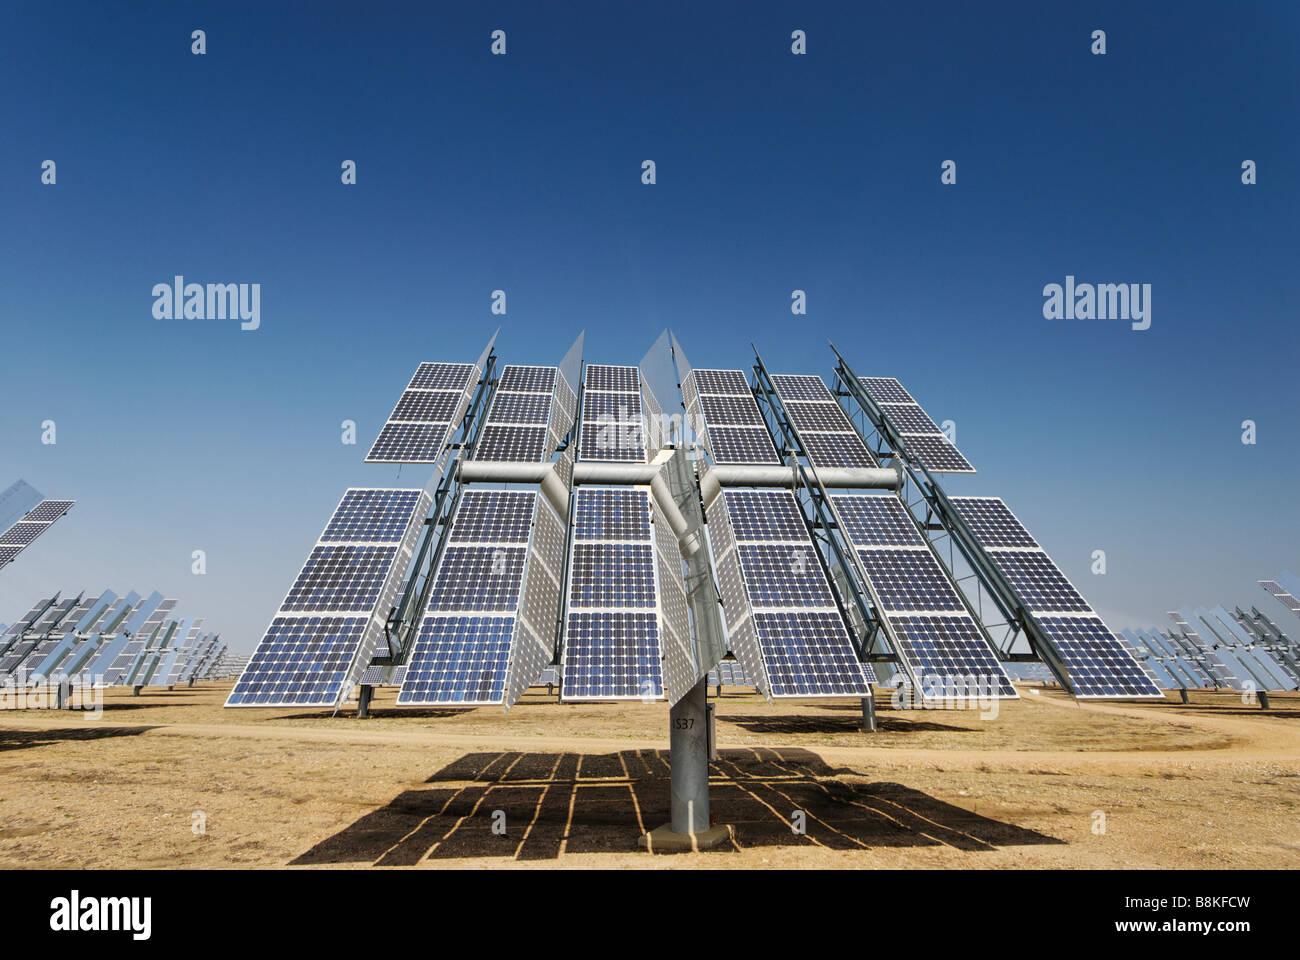 Solúcar planta de energía fotovoltaica de concentración unidad tracker produce energía limpia Imagen De Stock